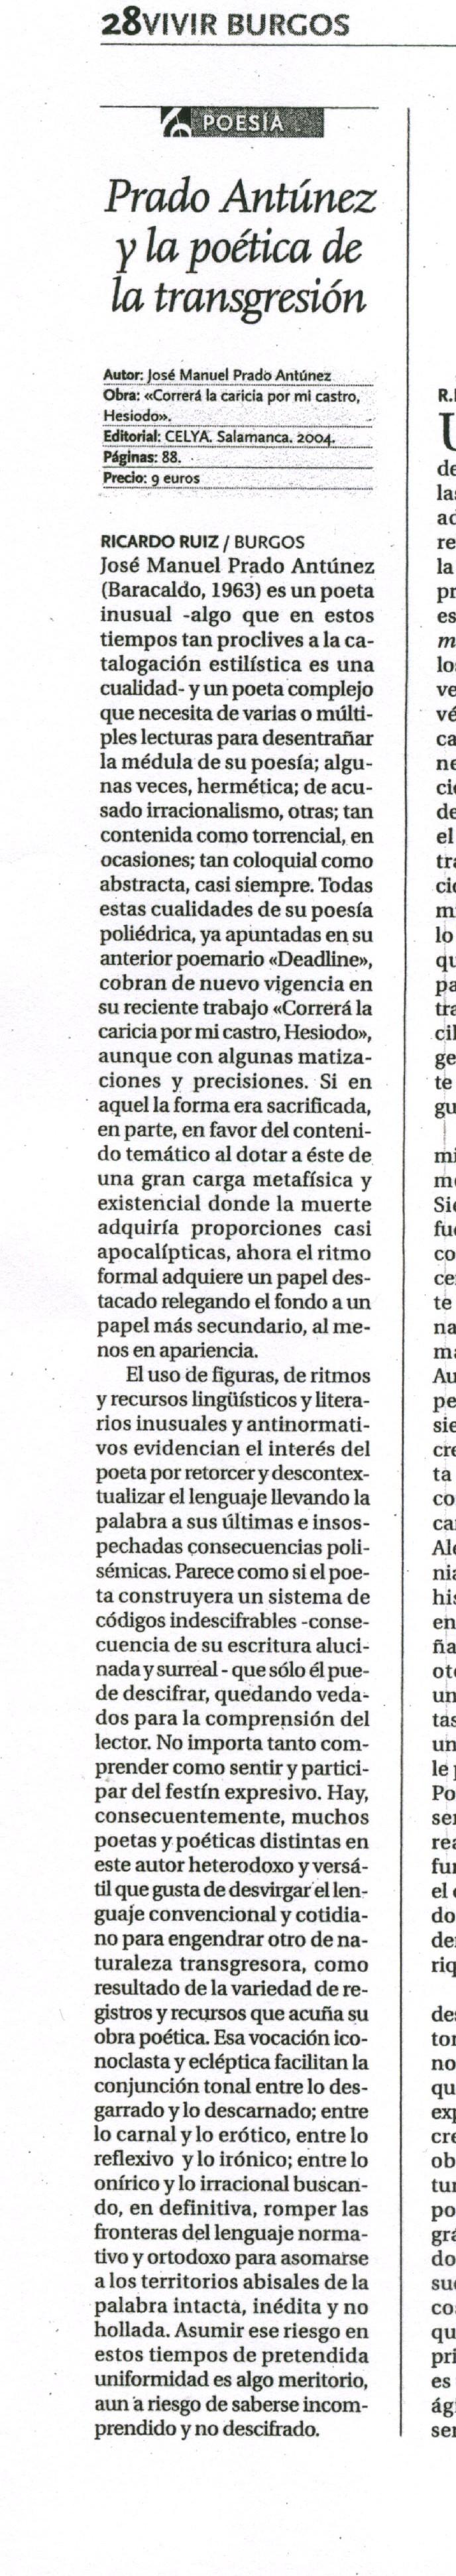 EL DIARIO DE BURGOS: CORRERÁ LA CARICIA POR MI CASTRO, HESÍODO, por Ricardo Ruiz.